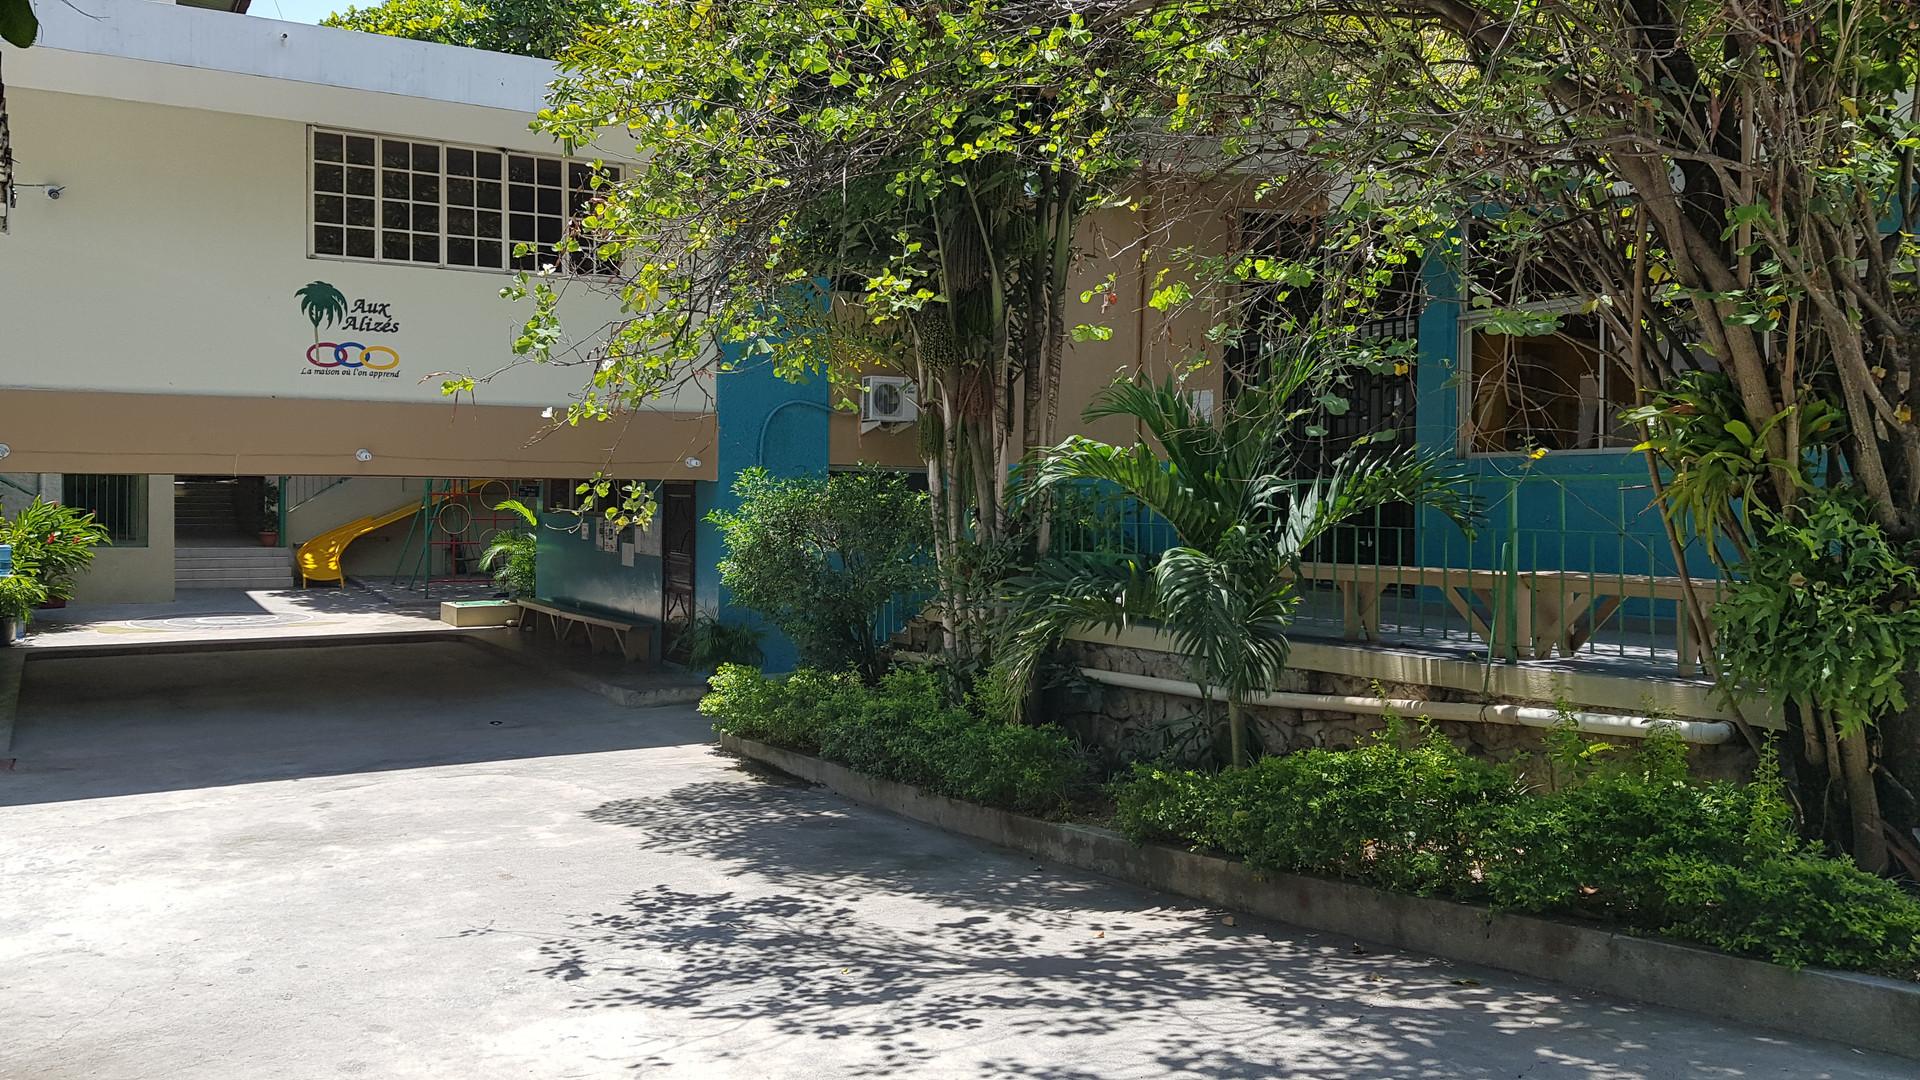 Vue de l'entrée de l'école